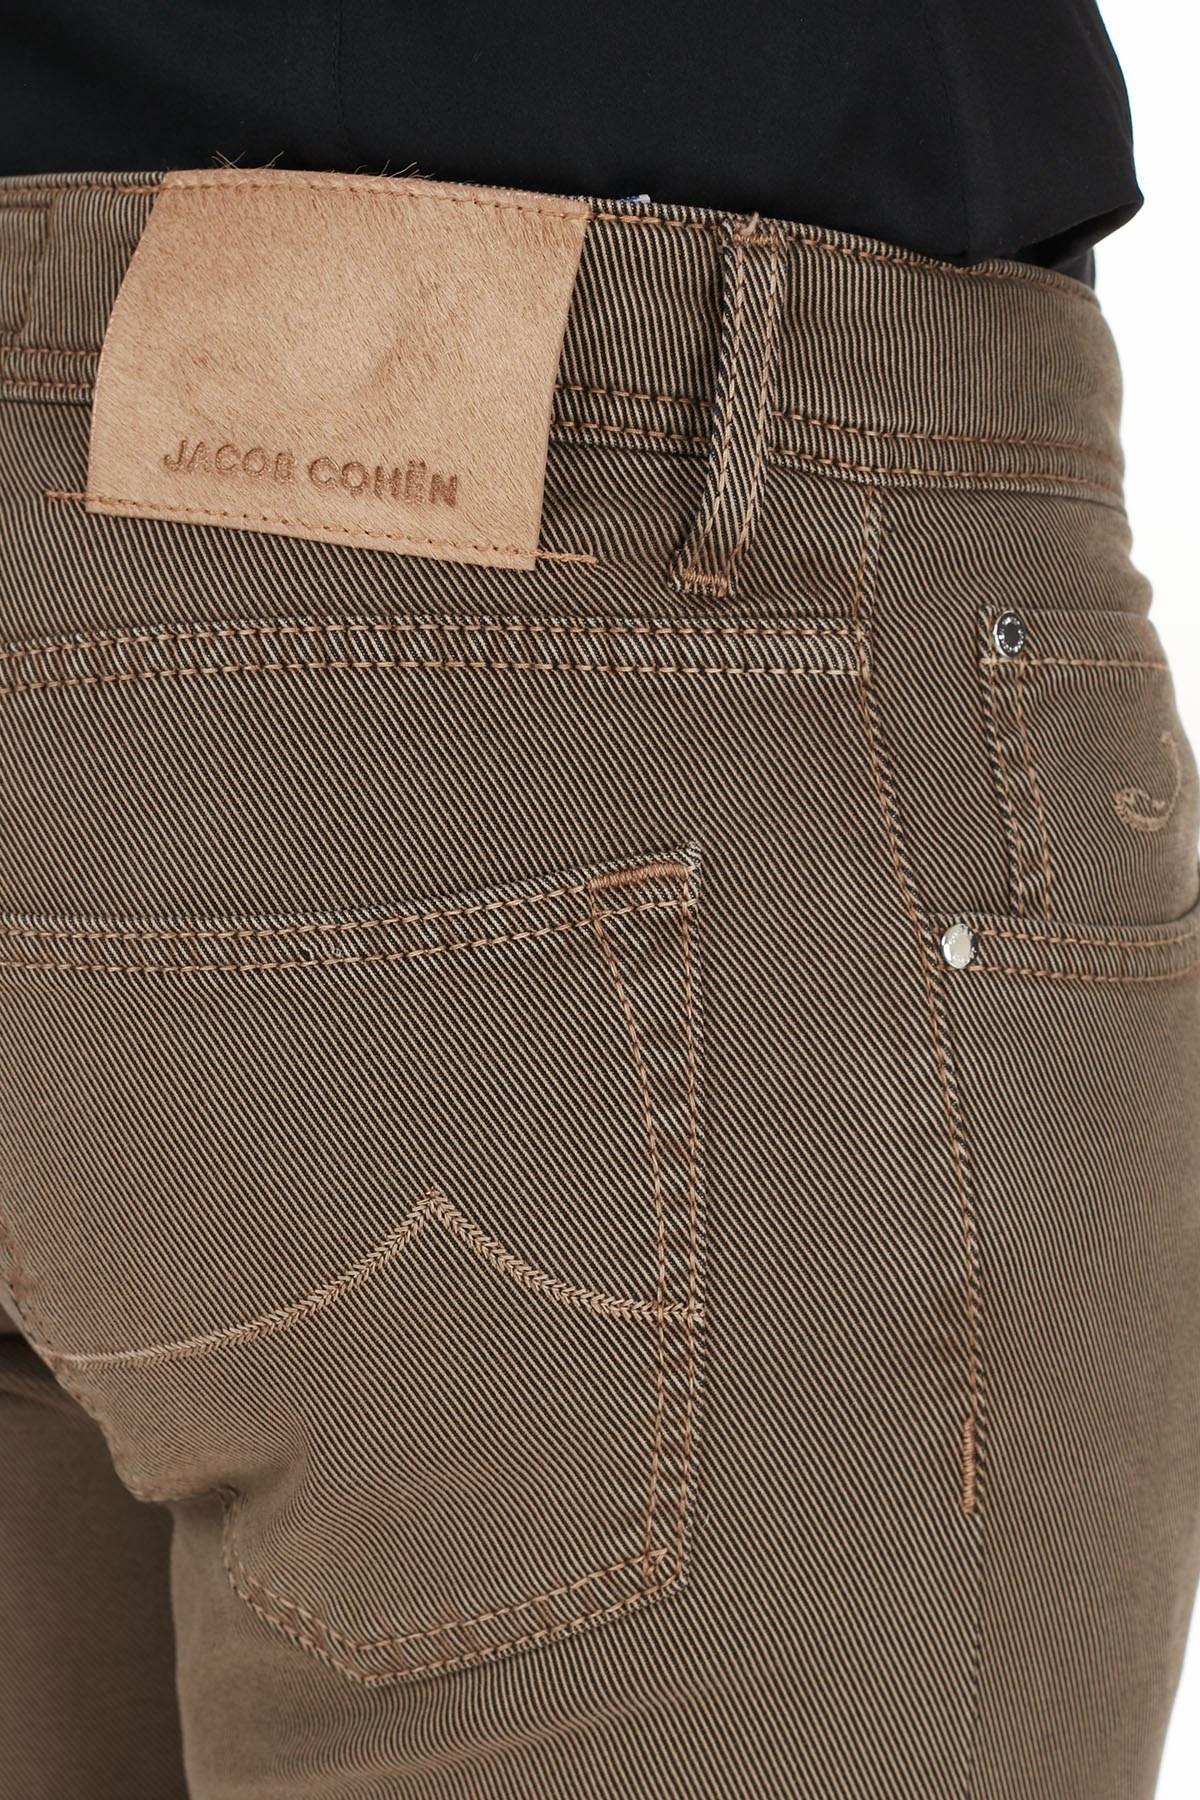 Jacob Cohen Jeans Erkek Pamuklu Pantolon J622 SLIM 02090V 943 TABA